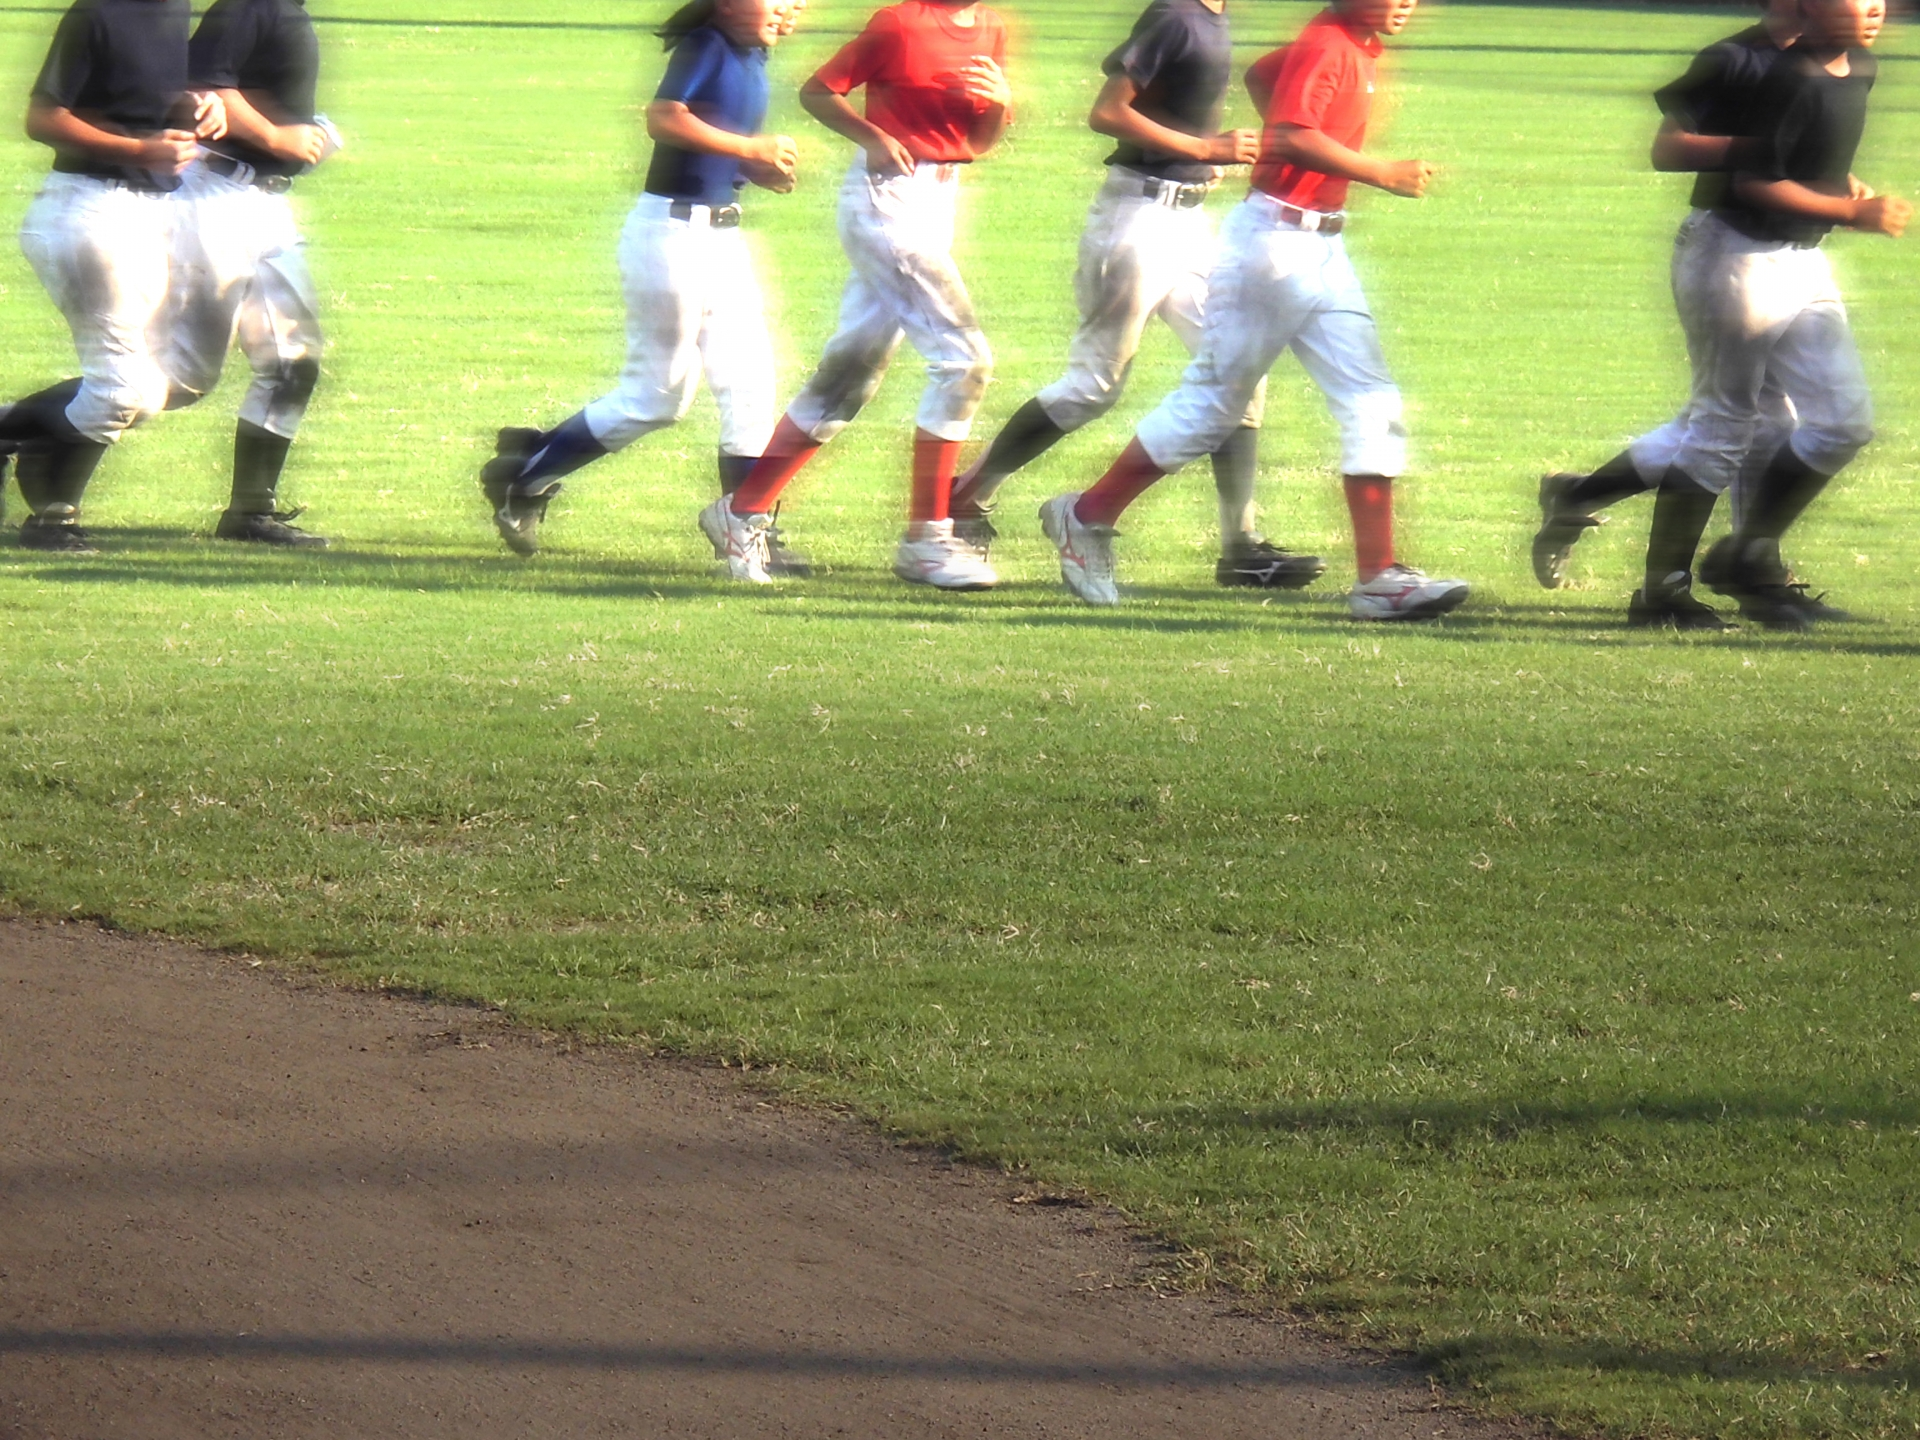 野球の練習メニュー・守備が上達する練習法と練習メニューを紹介